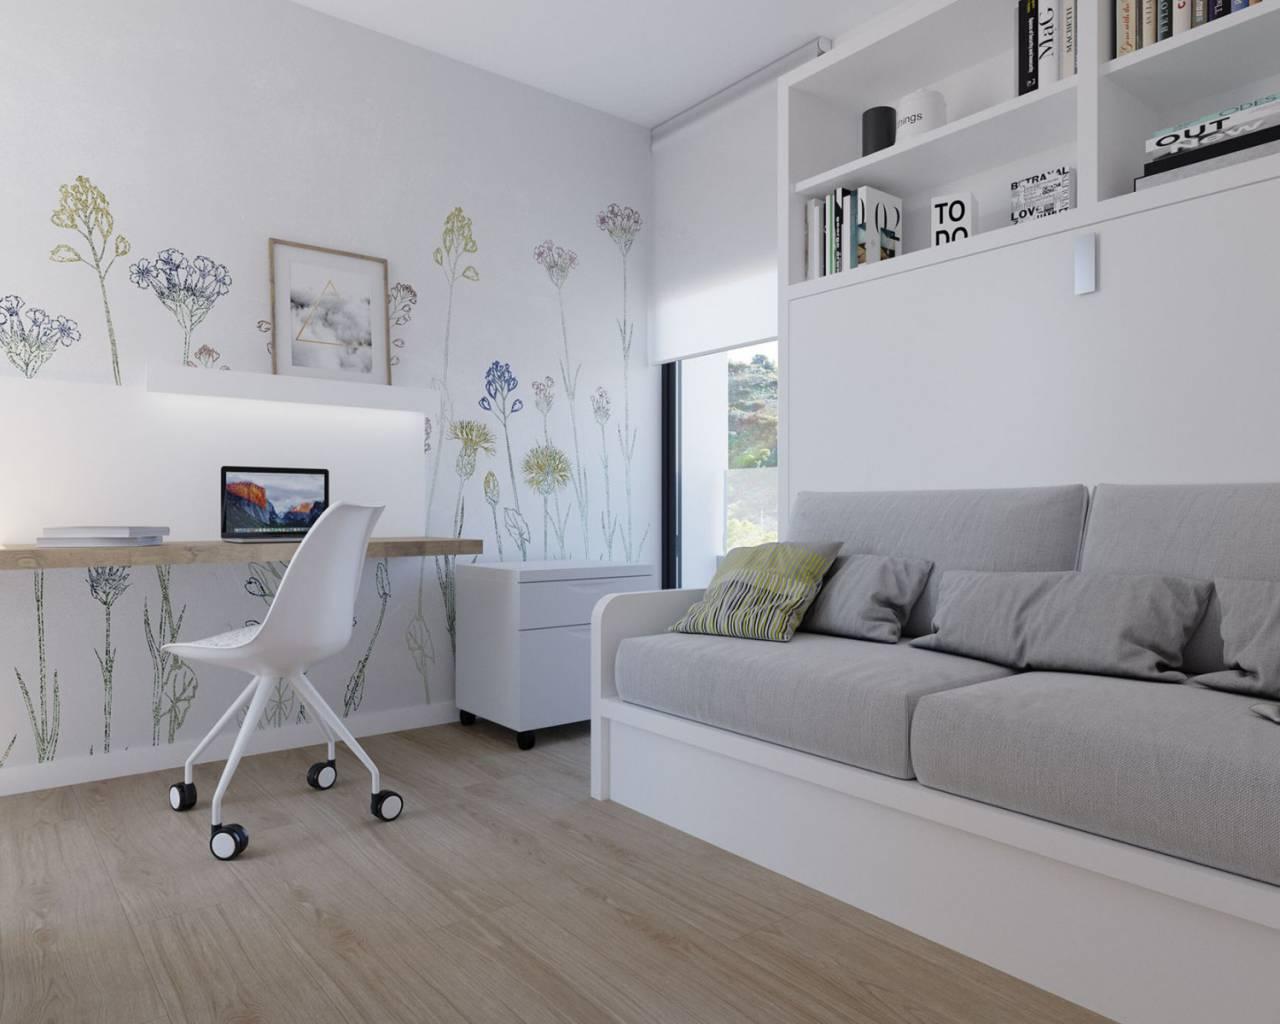 nieuwbouw-half-vrijstaande-villa-montforte-del-cid-font-del-llop_3184_xl